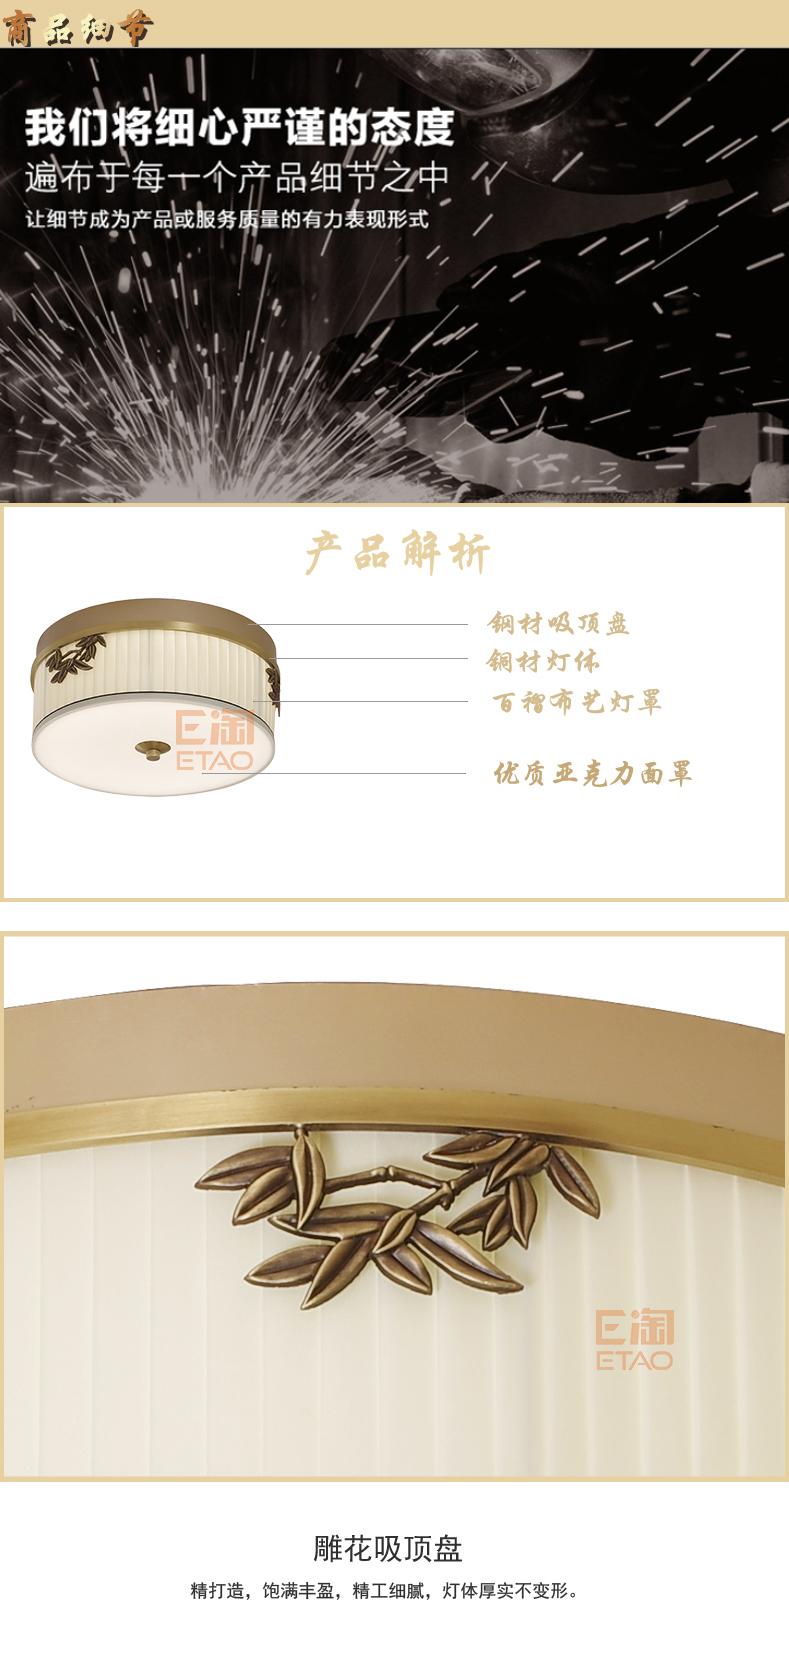 皇仕美佳27009 (3)